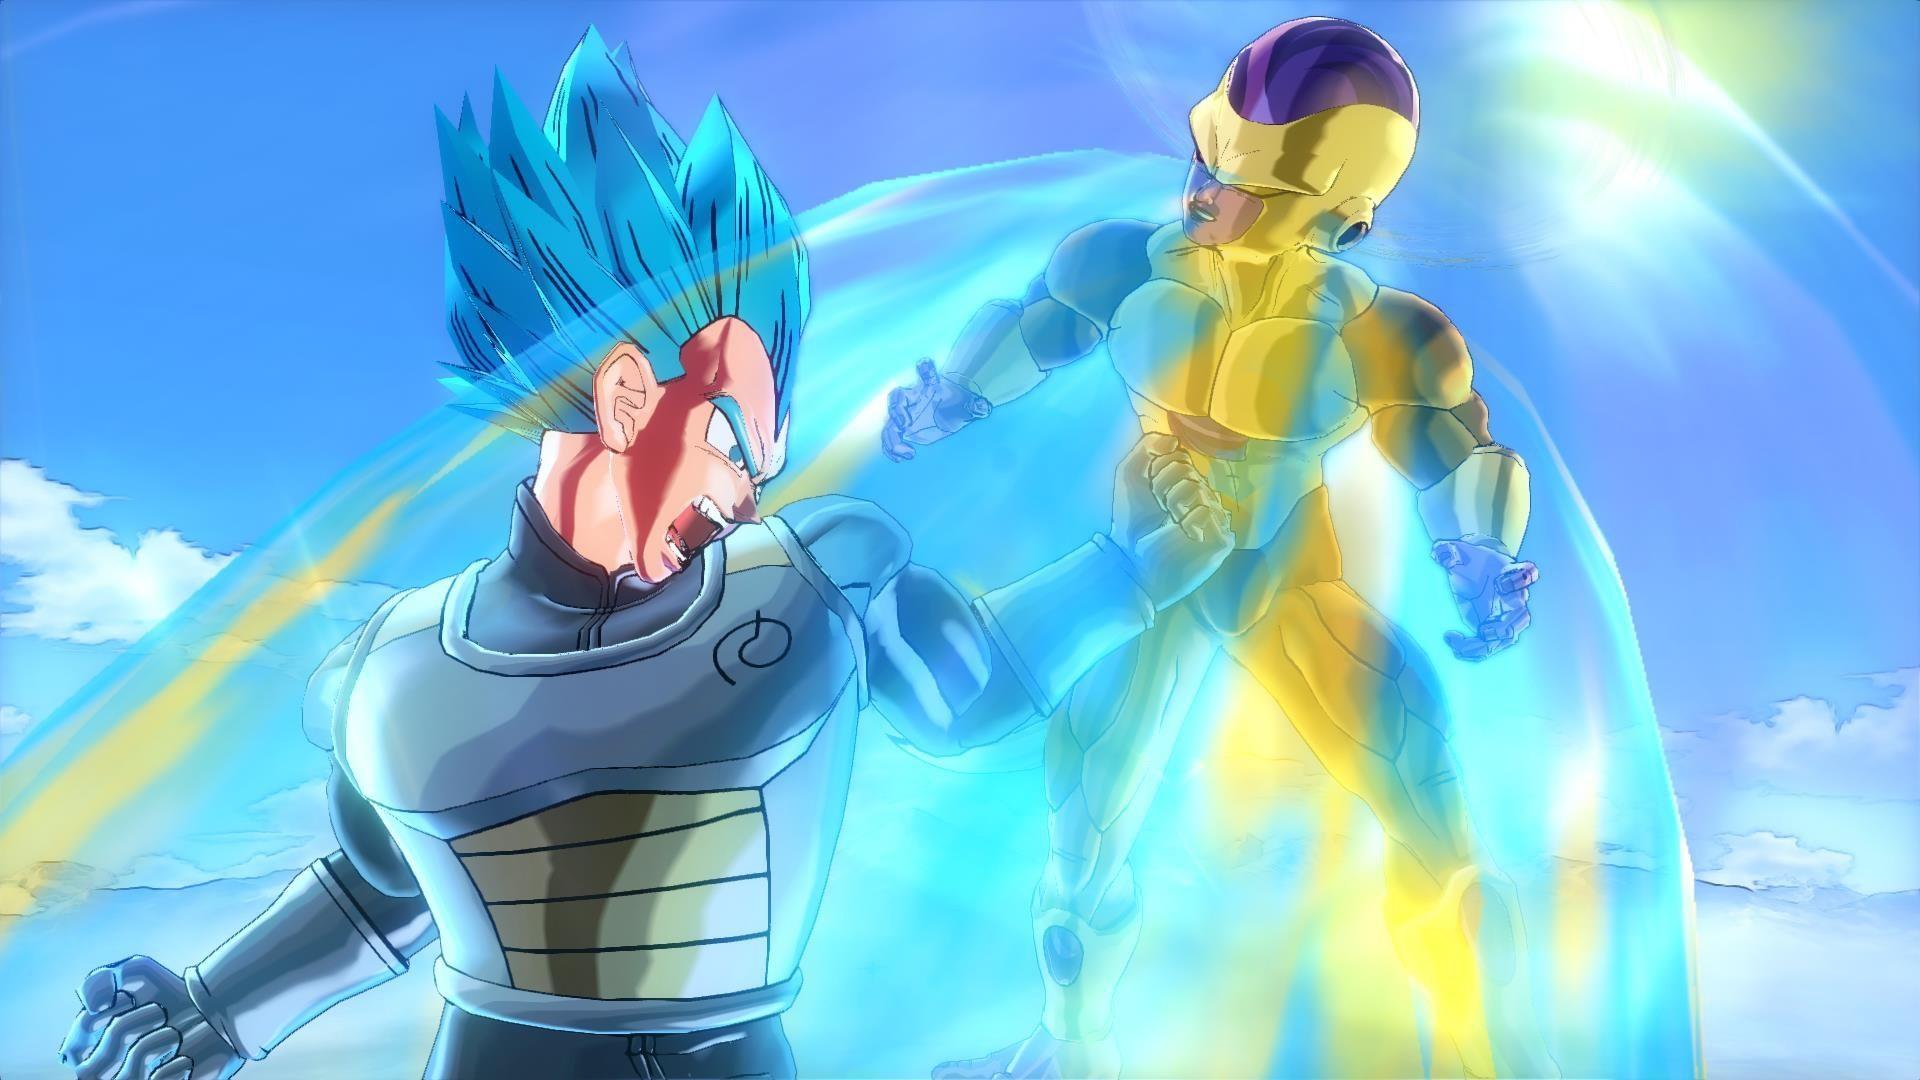 Super Saiyan God Super Saiyan Goku and Vegeta DLC for Dragon Ball